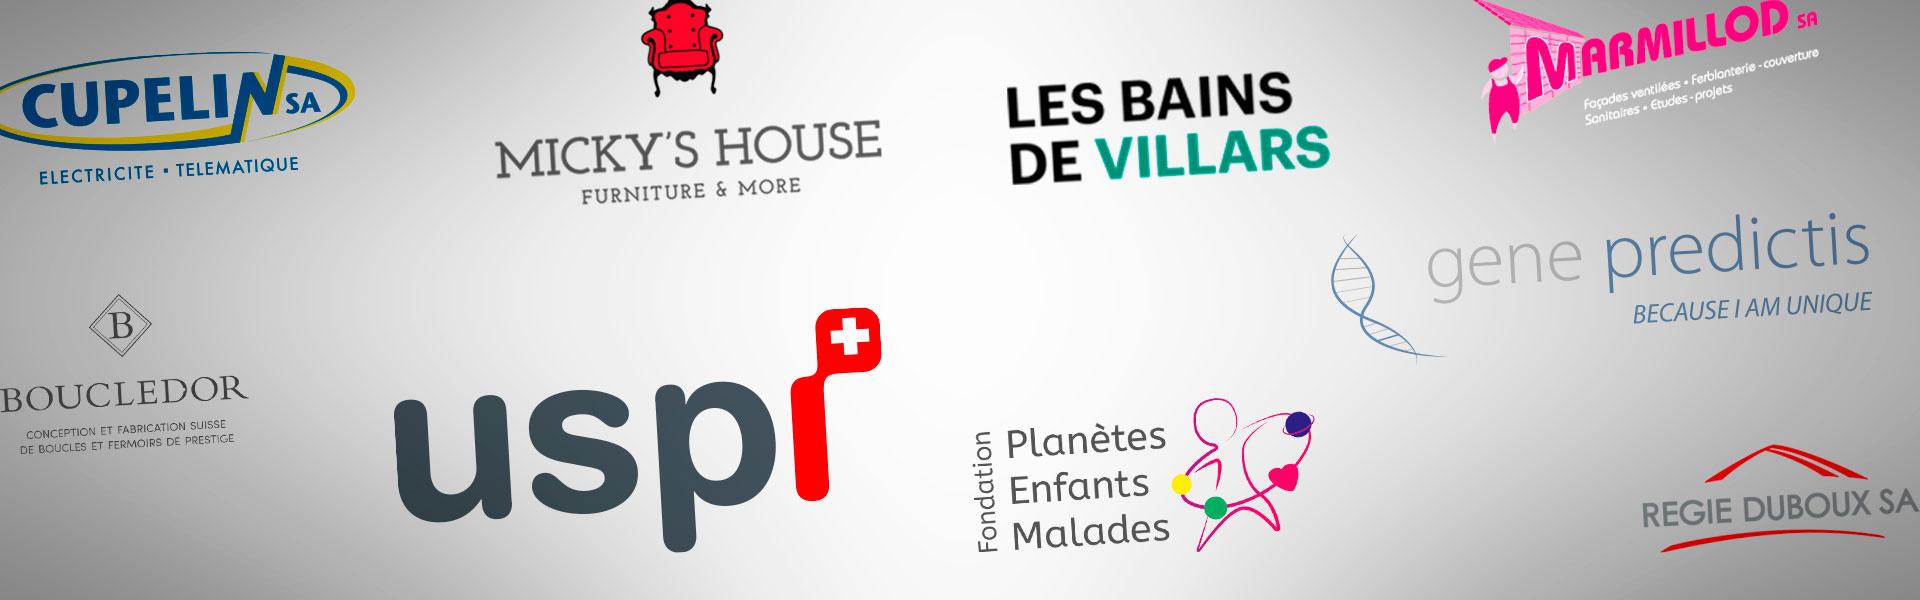 Pulsion, agence de publicité, Vevey, Montreux, Corseaux, Suisse Romande, graphisme, identité visuelle